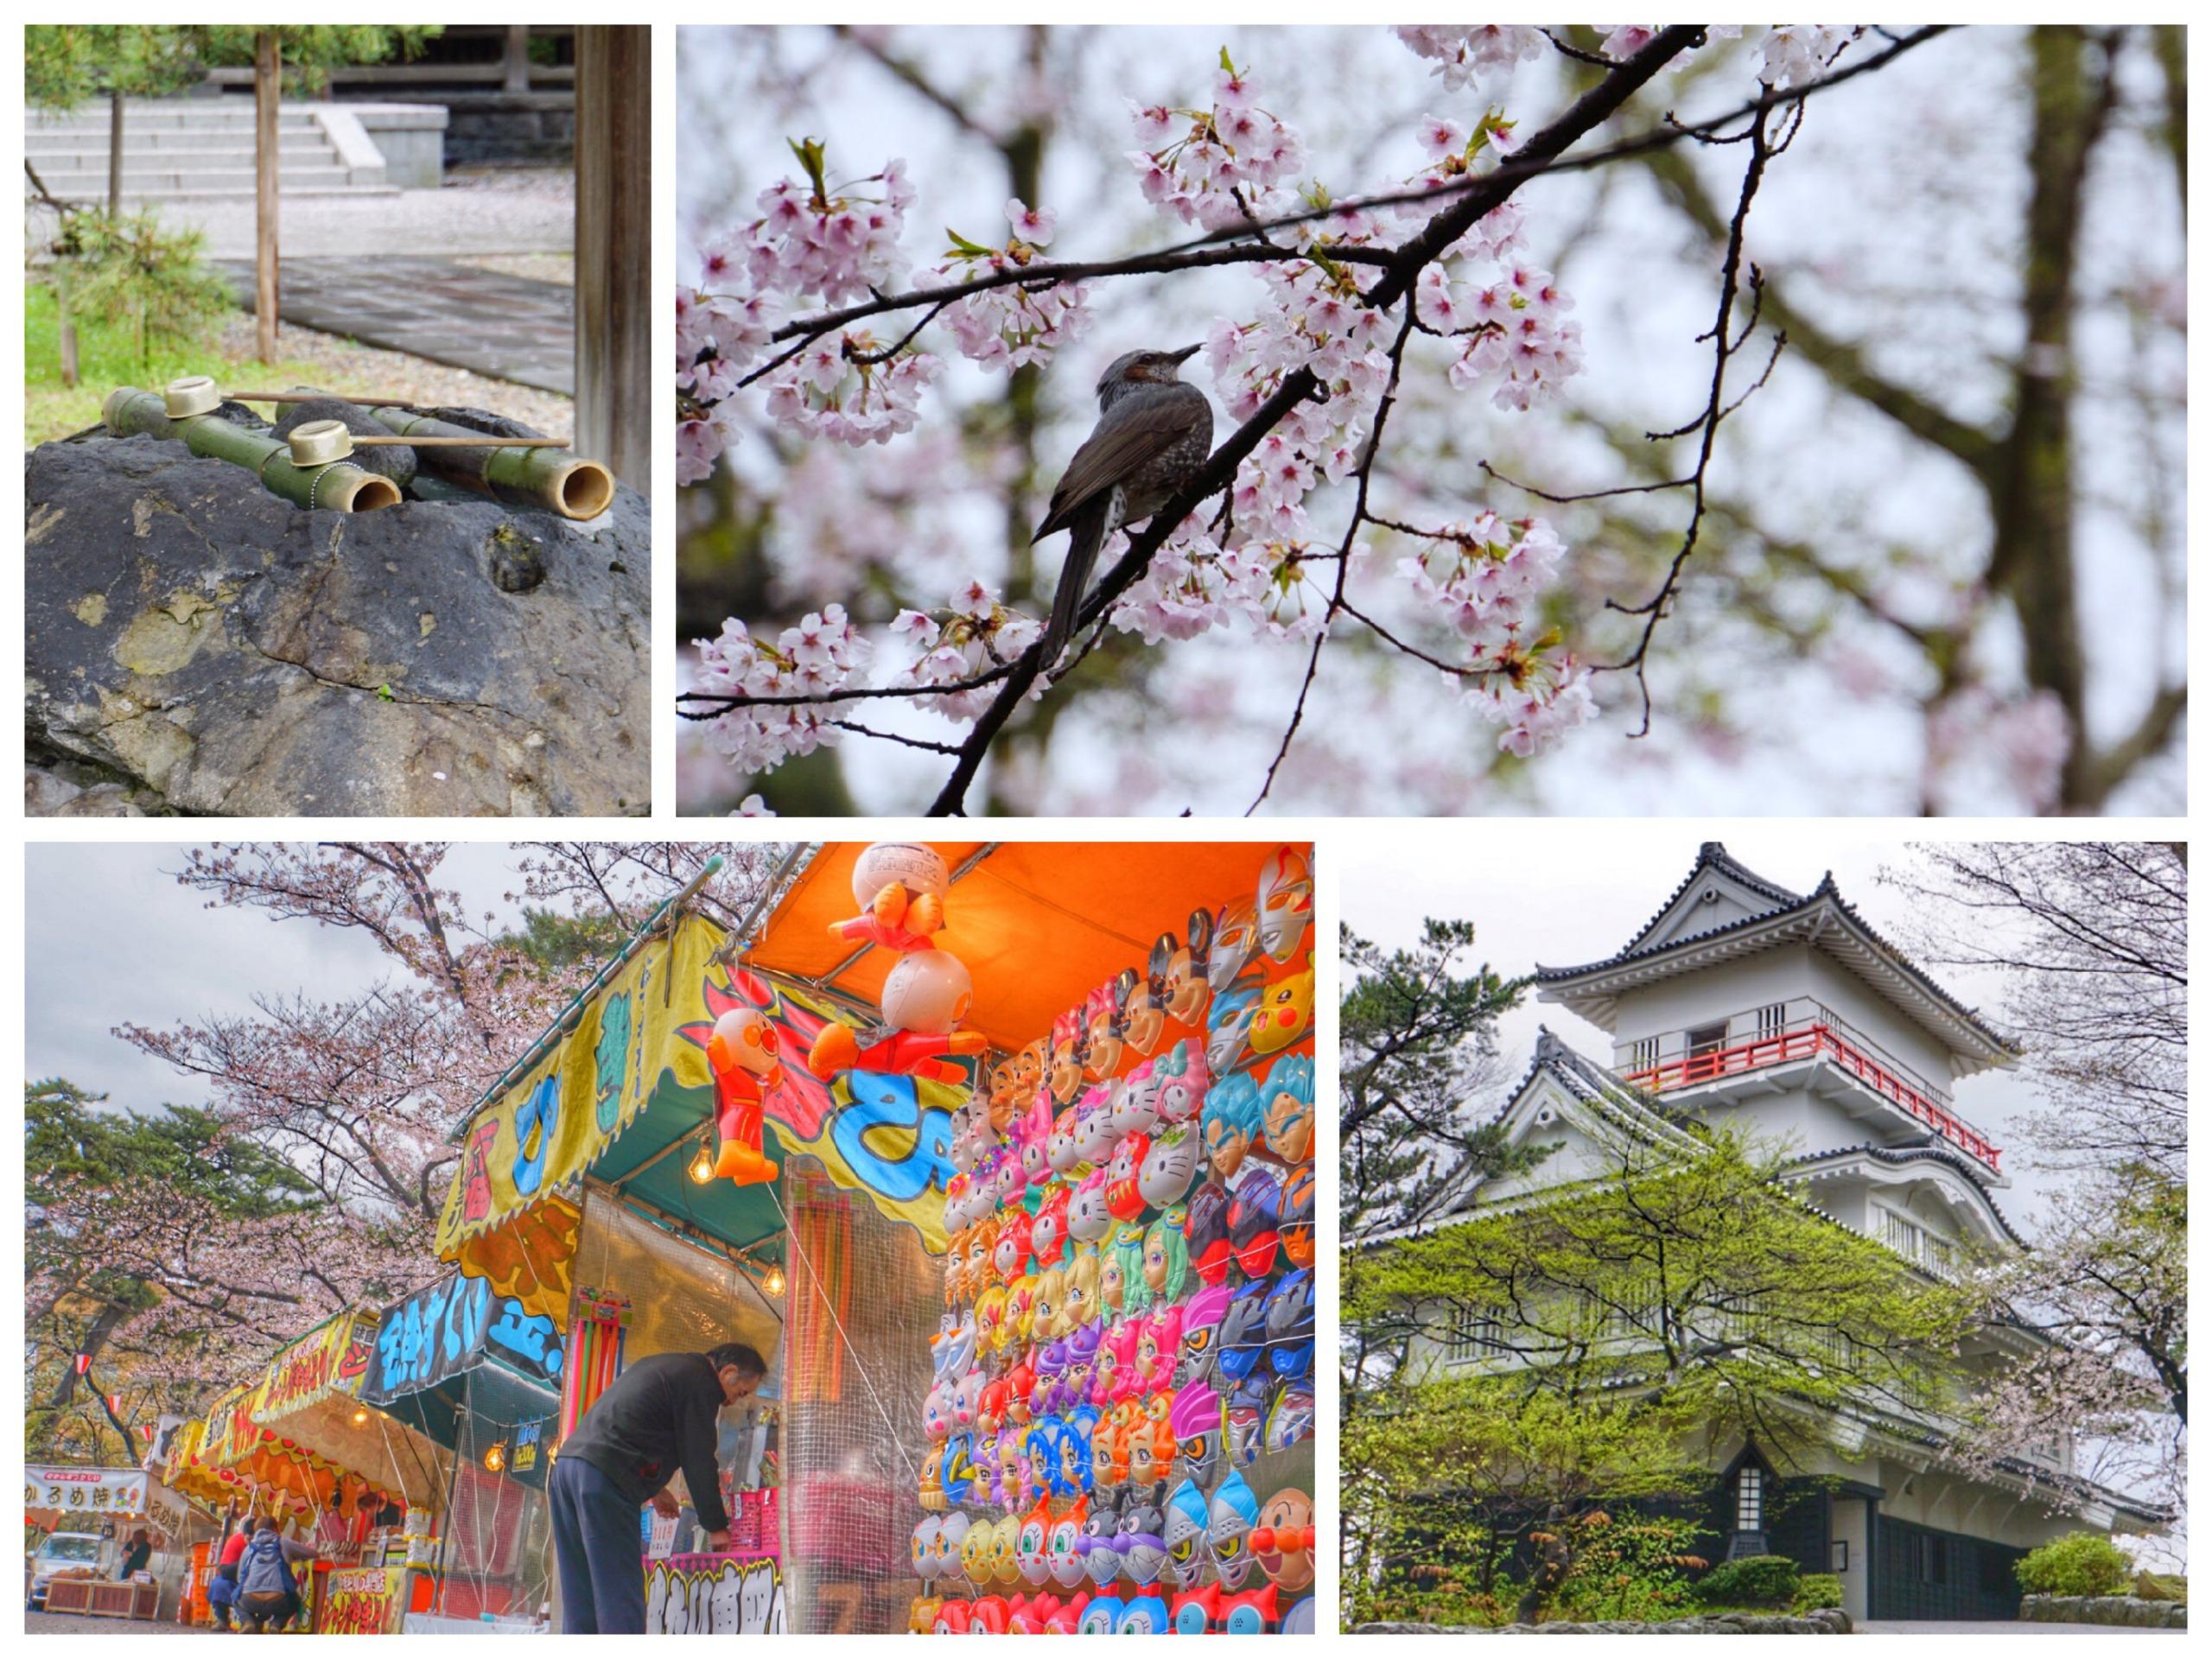 祭に桜に神社にお城!? 圧倒的コンテンツの千秋公園 part2